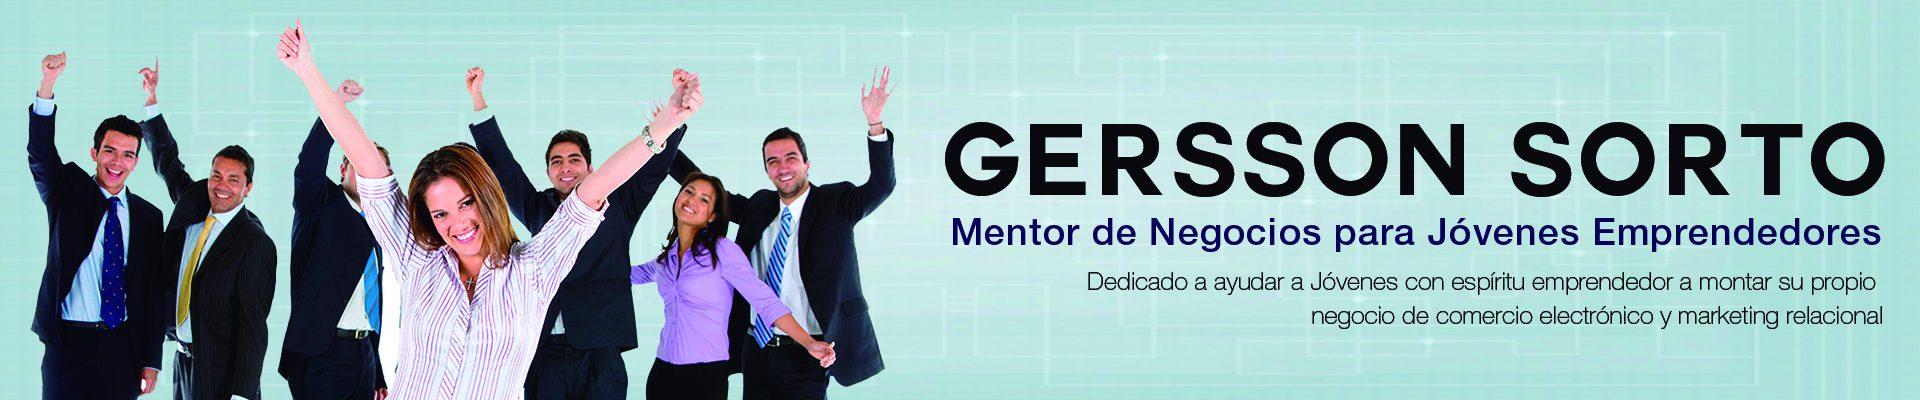 Gersson Sorto Mentor de Negocios para Jóvenes Emprendedores